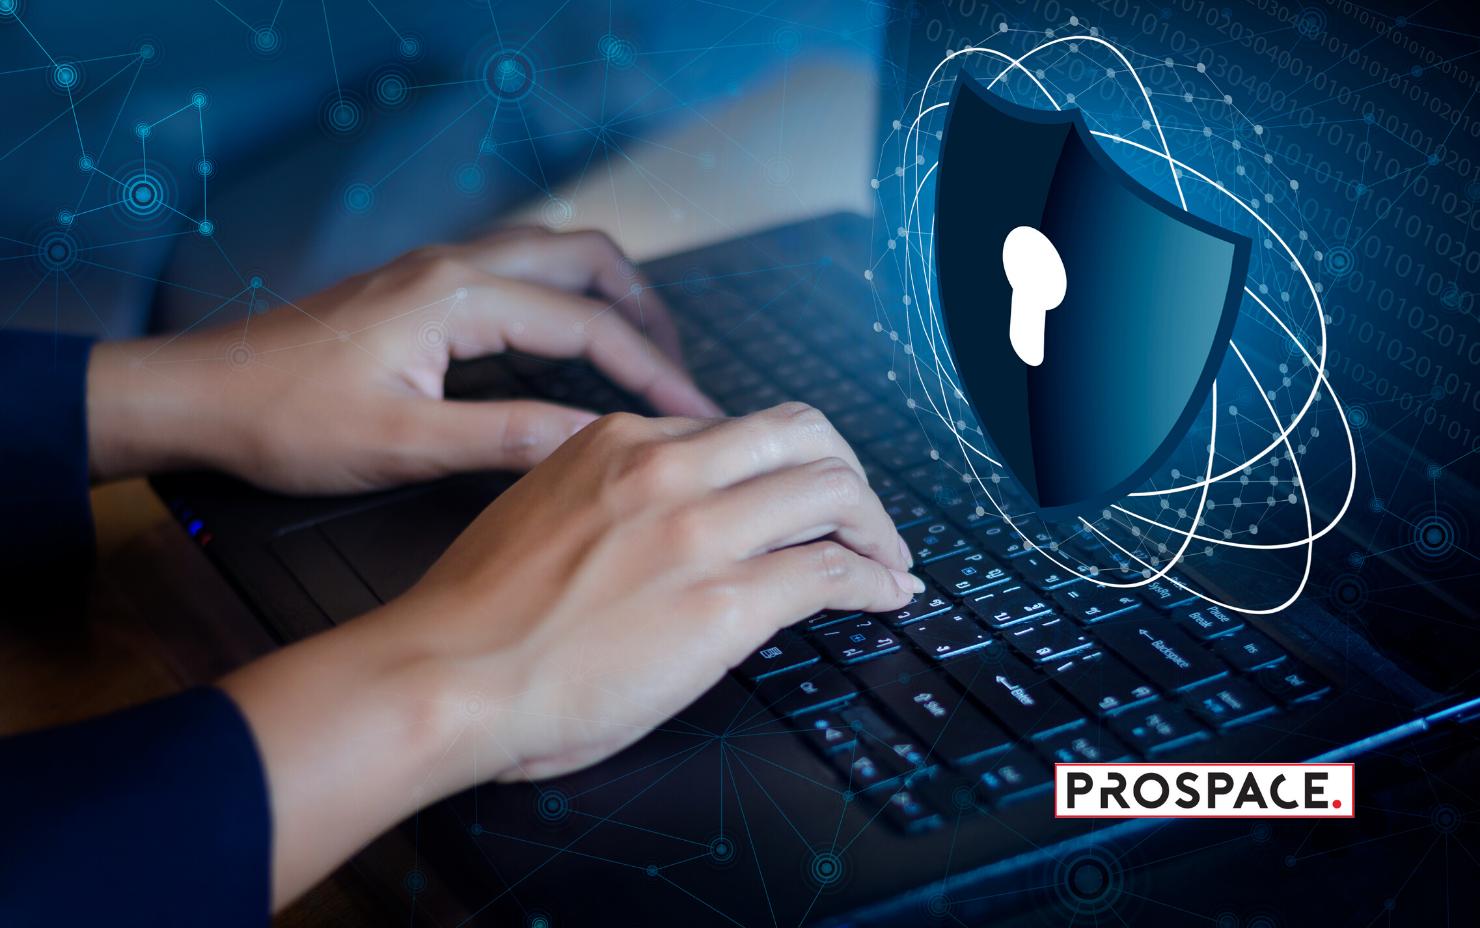 20 รหัสผ่านที่พบบ่อยที่สุดบน Dark Web